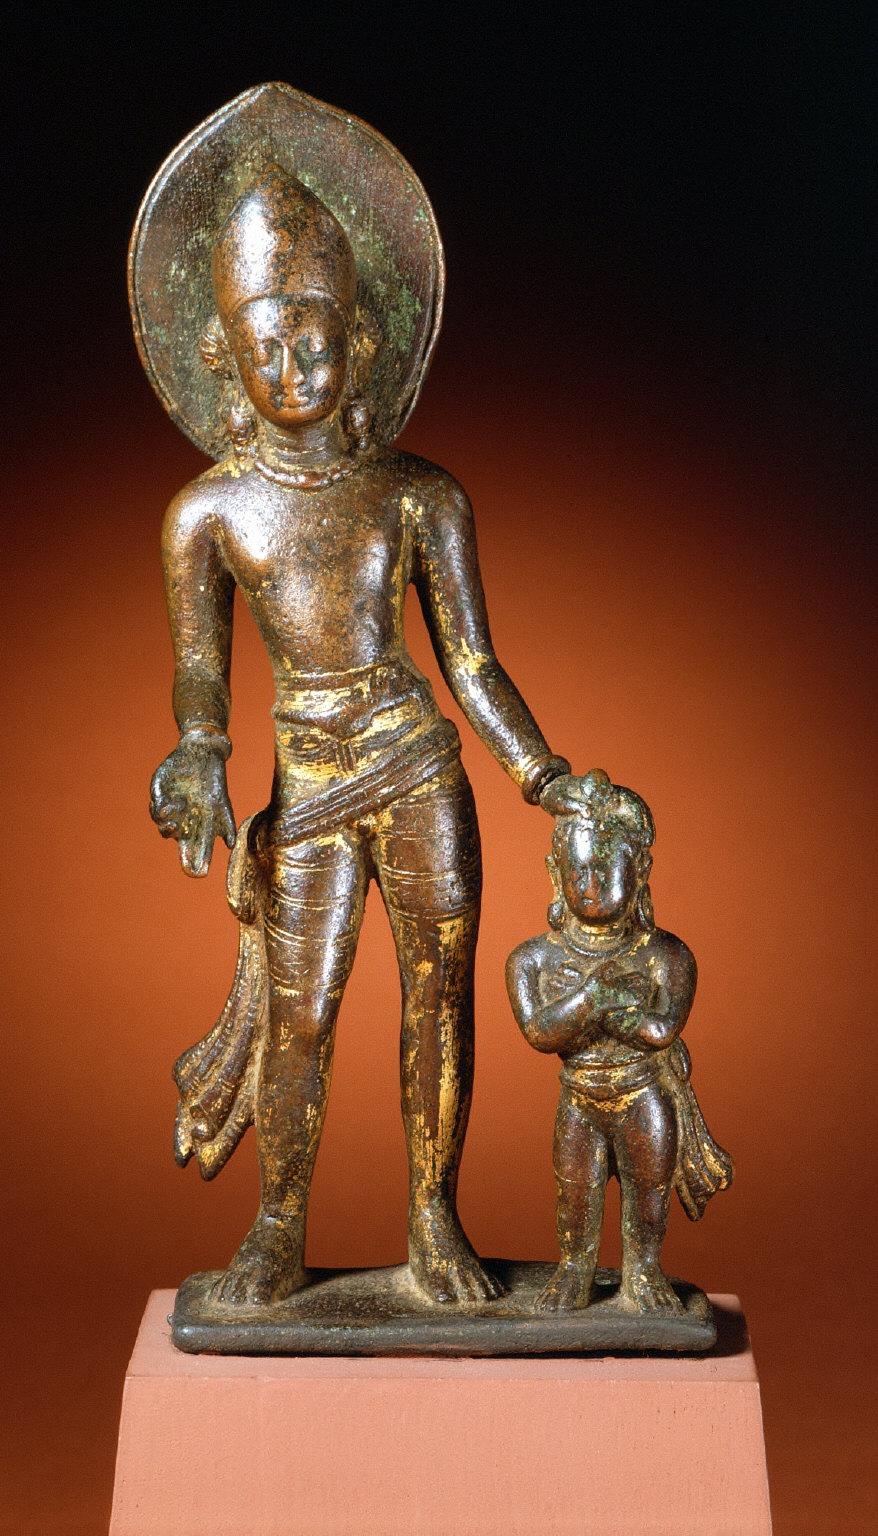 The Bodhisattva Vajrapani or the God Indra